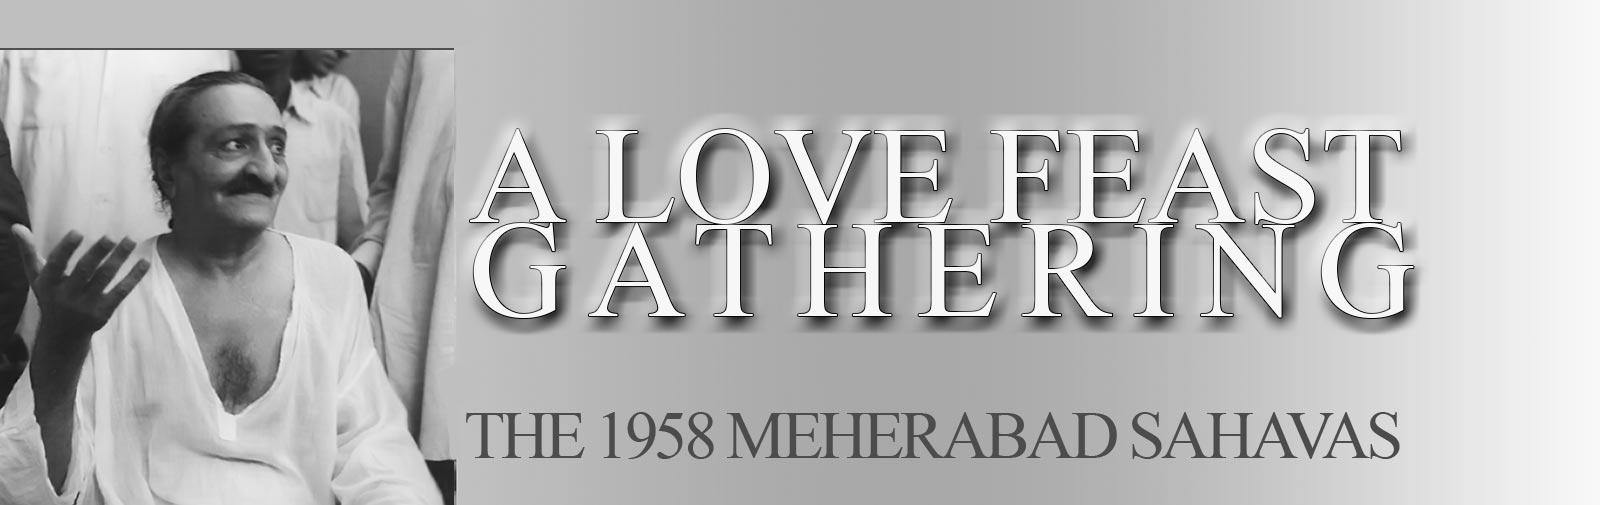 Meher Baba's 1958 Sahavas